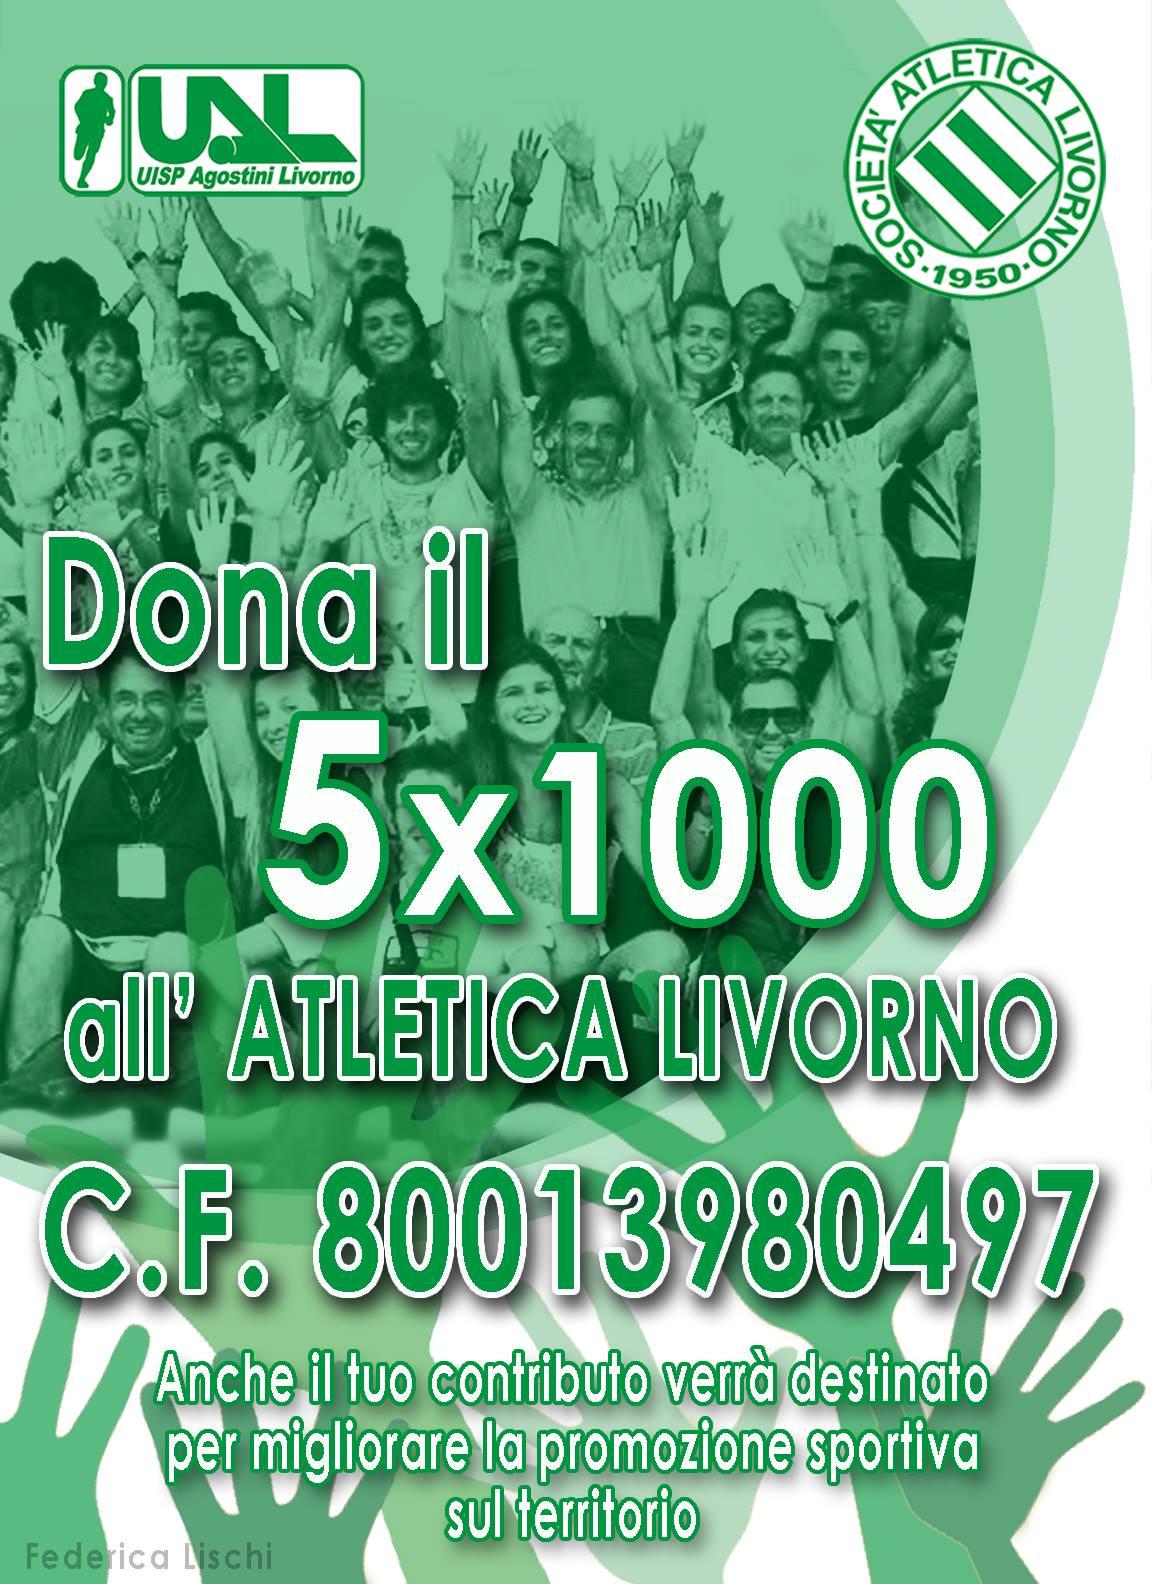 Dona il 5x1000 all'Atletica Livorno!